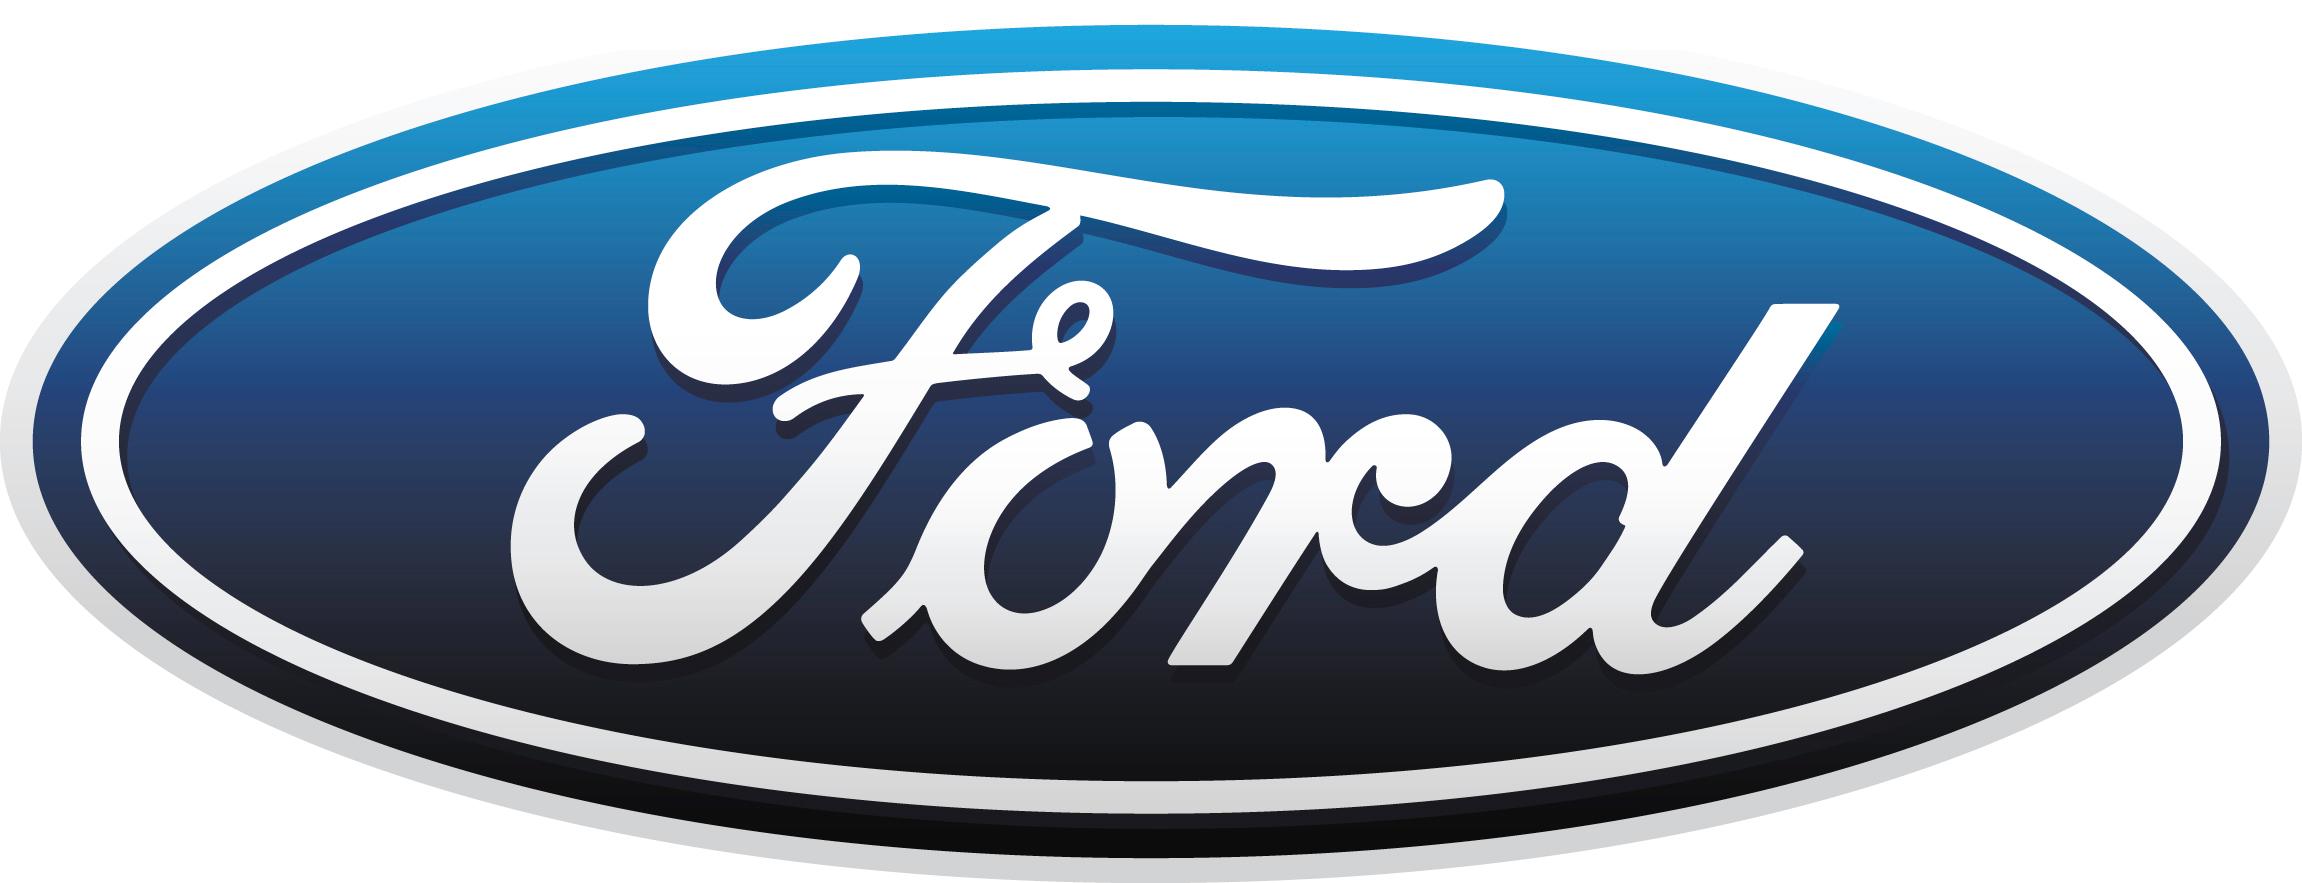 EWB Gala_Ford Logo_Blue Oval_No Background